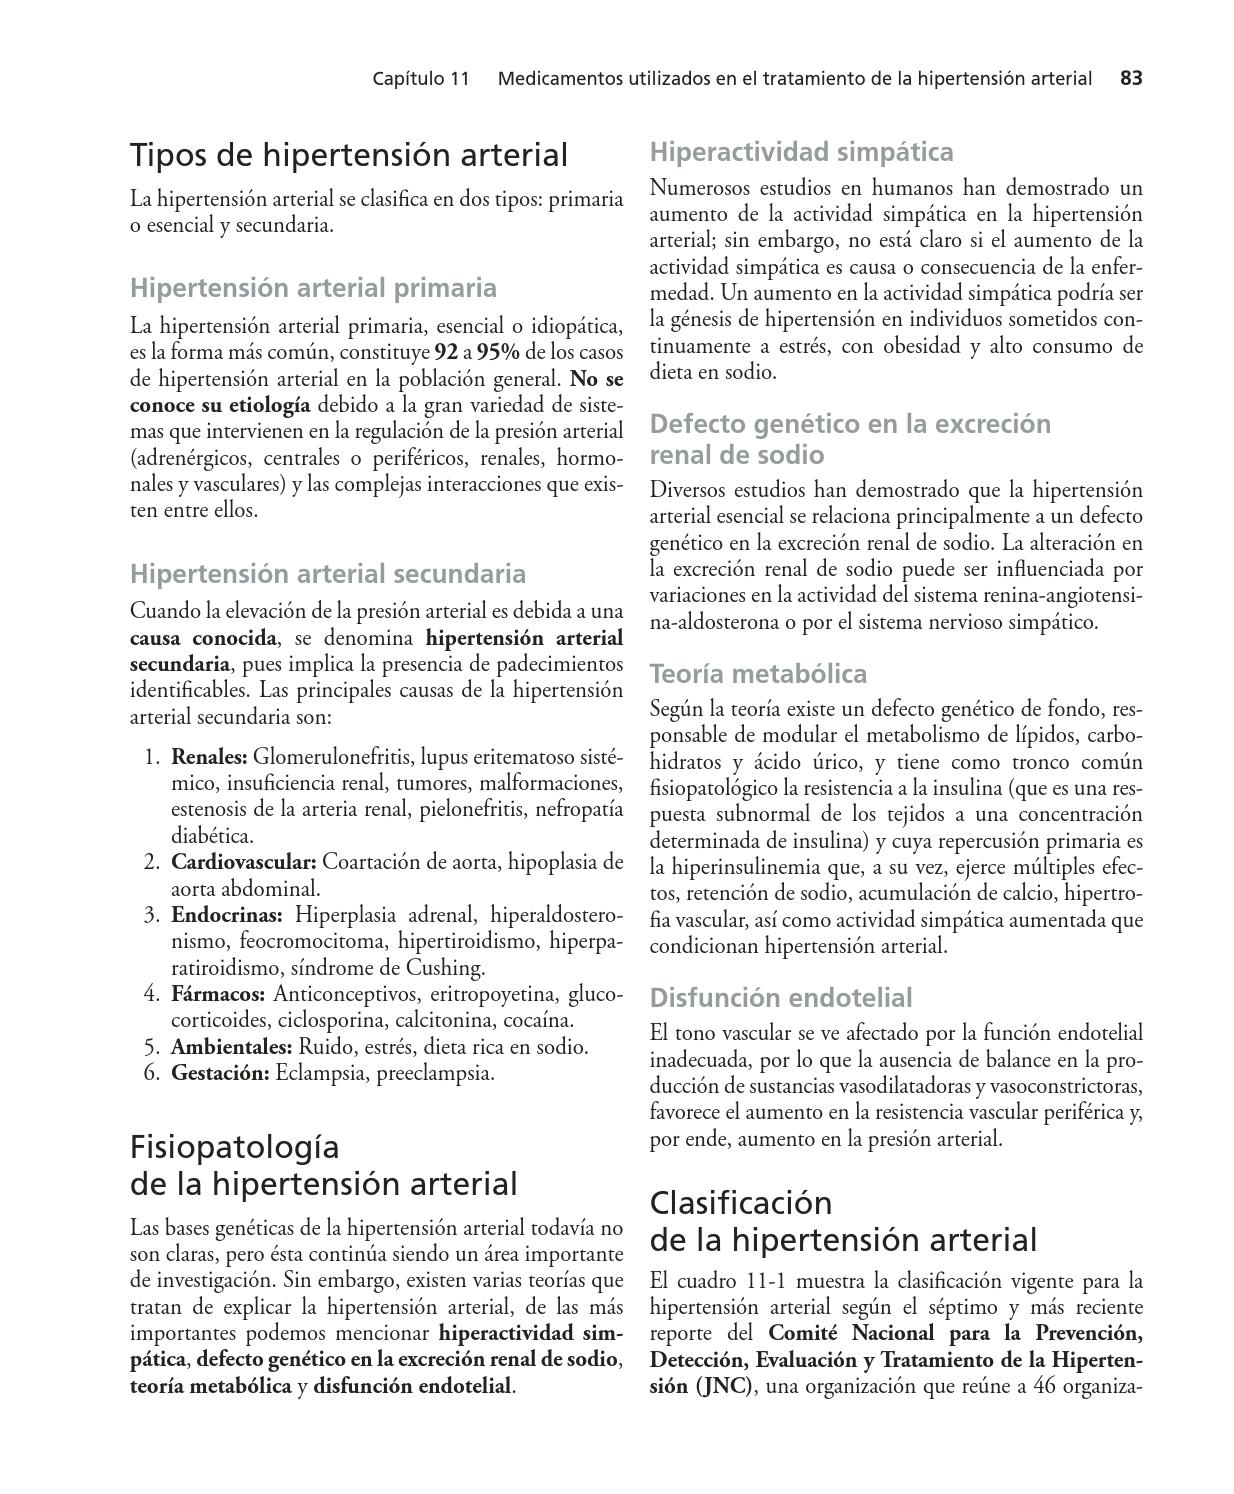 Hipertensión simpática hiperactividad